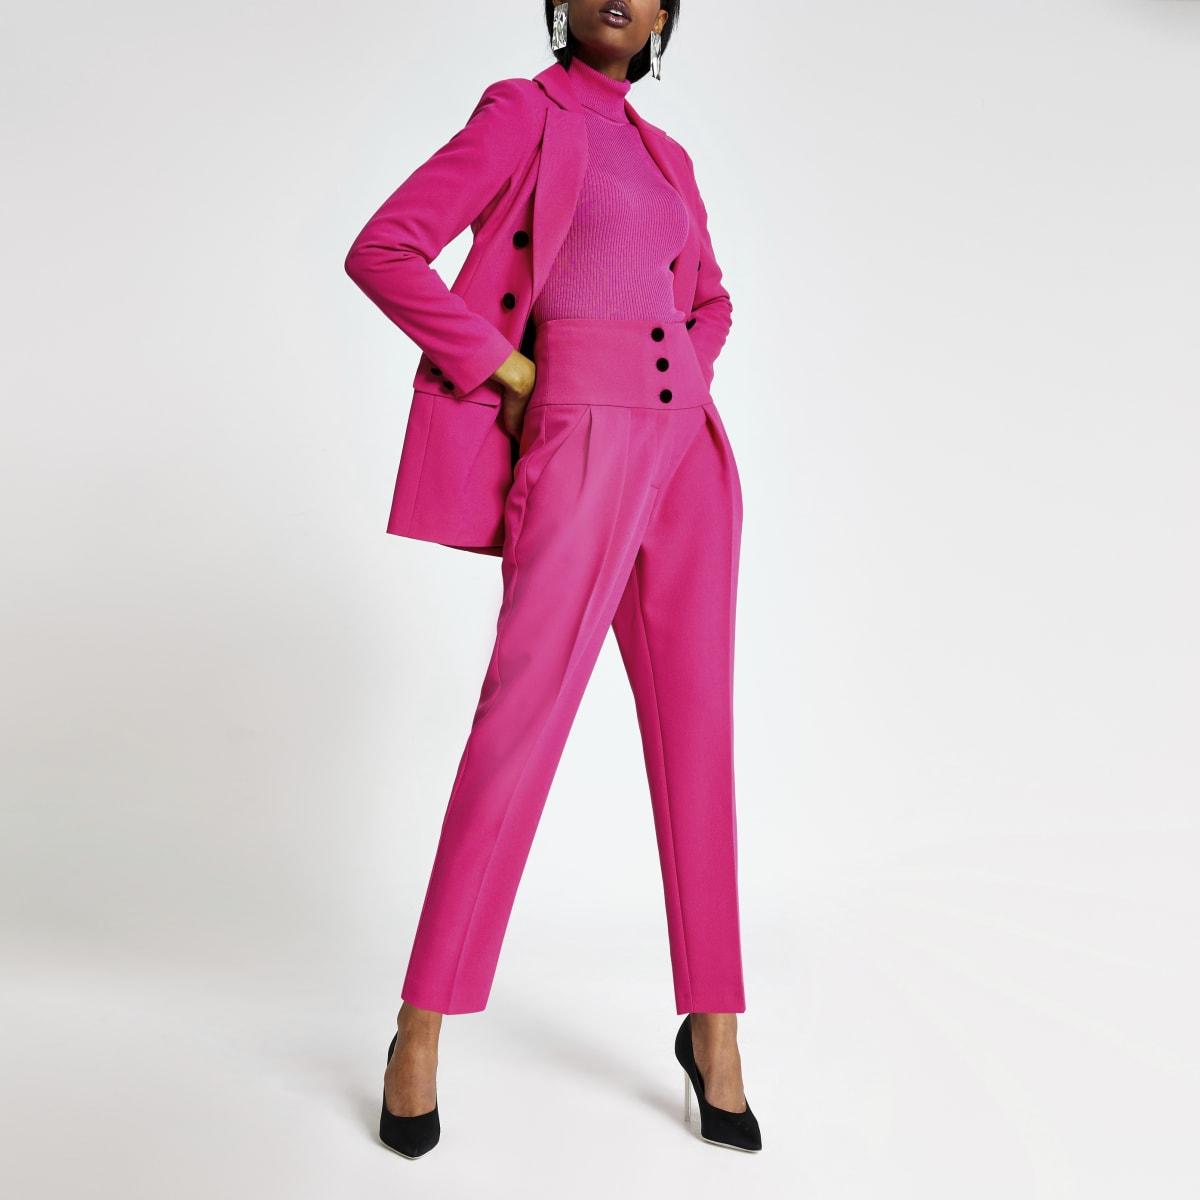 Roze smaltoelopende broek met hoge korset-taille